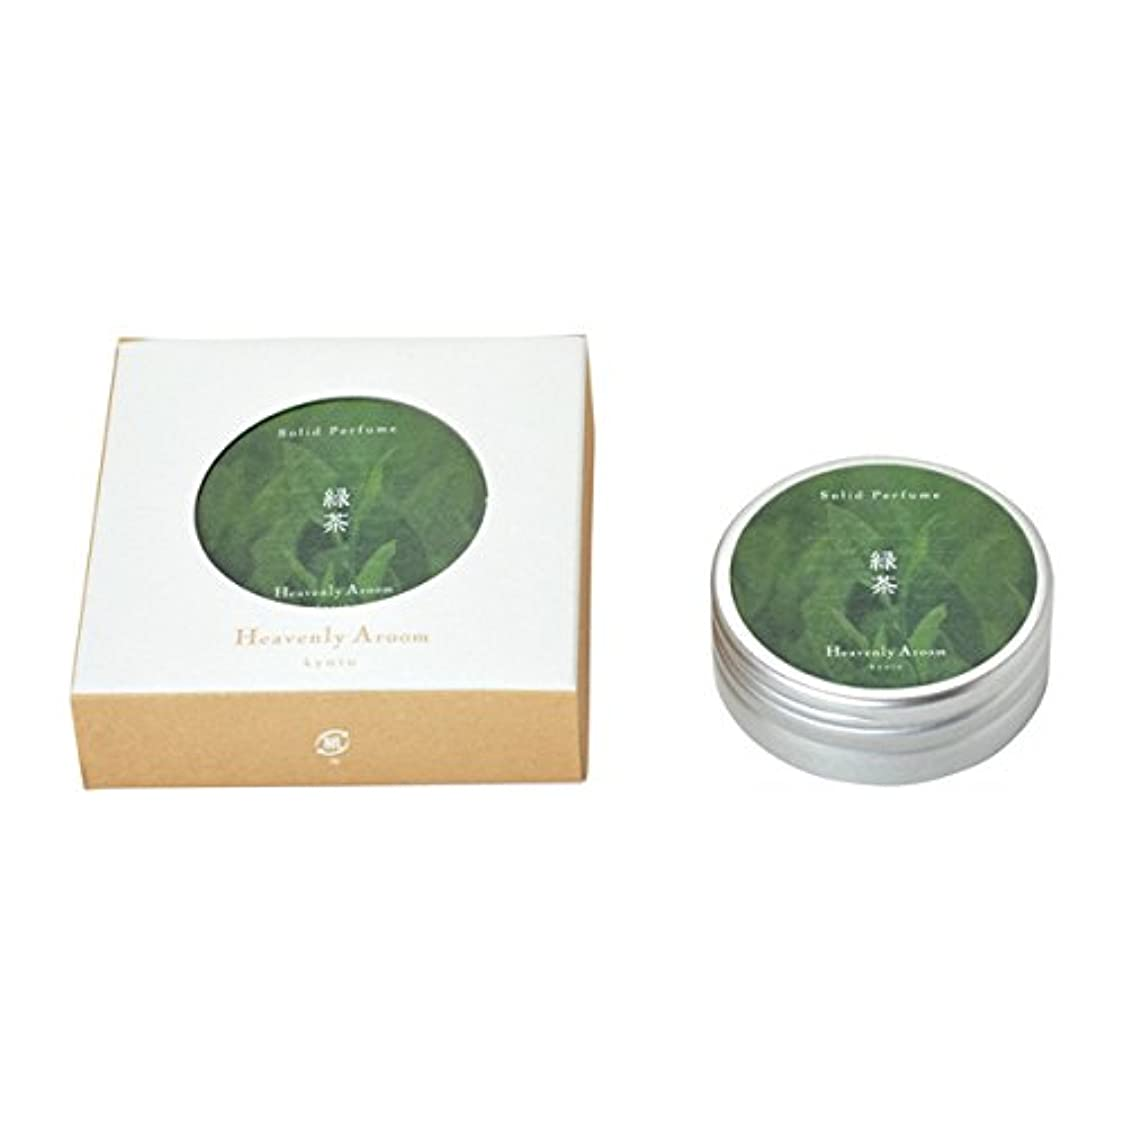 法王違反尊敬するHeavenly Aroom ソリッドパフューム 緑茶 15g